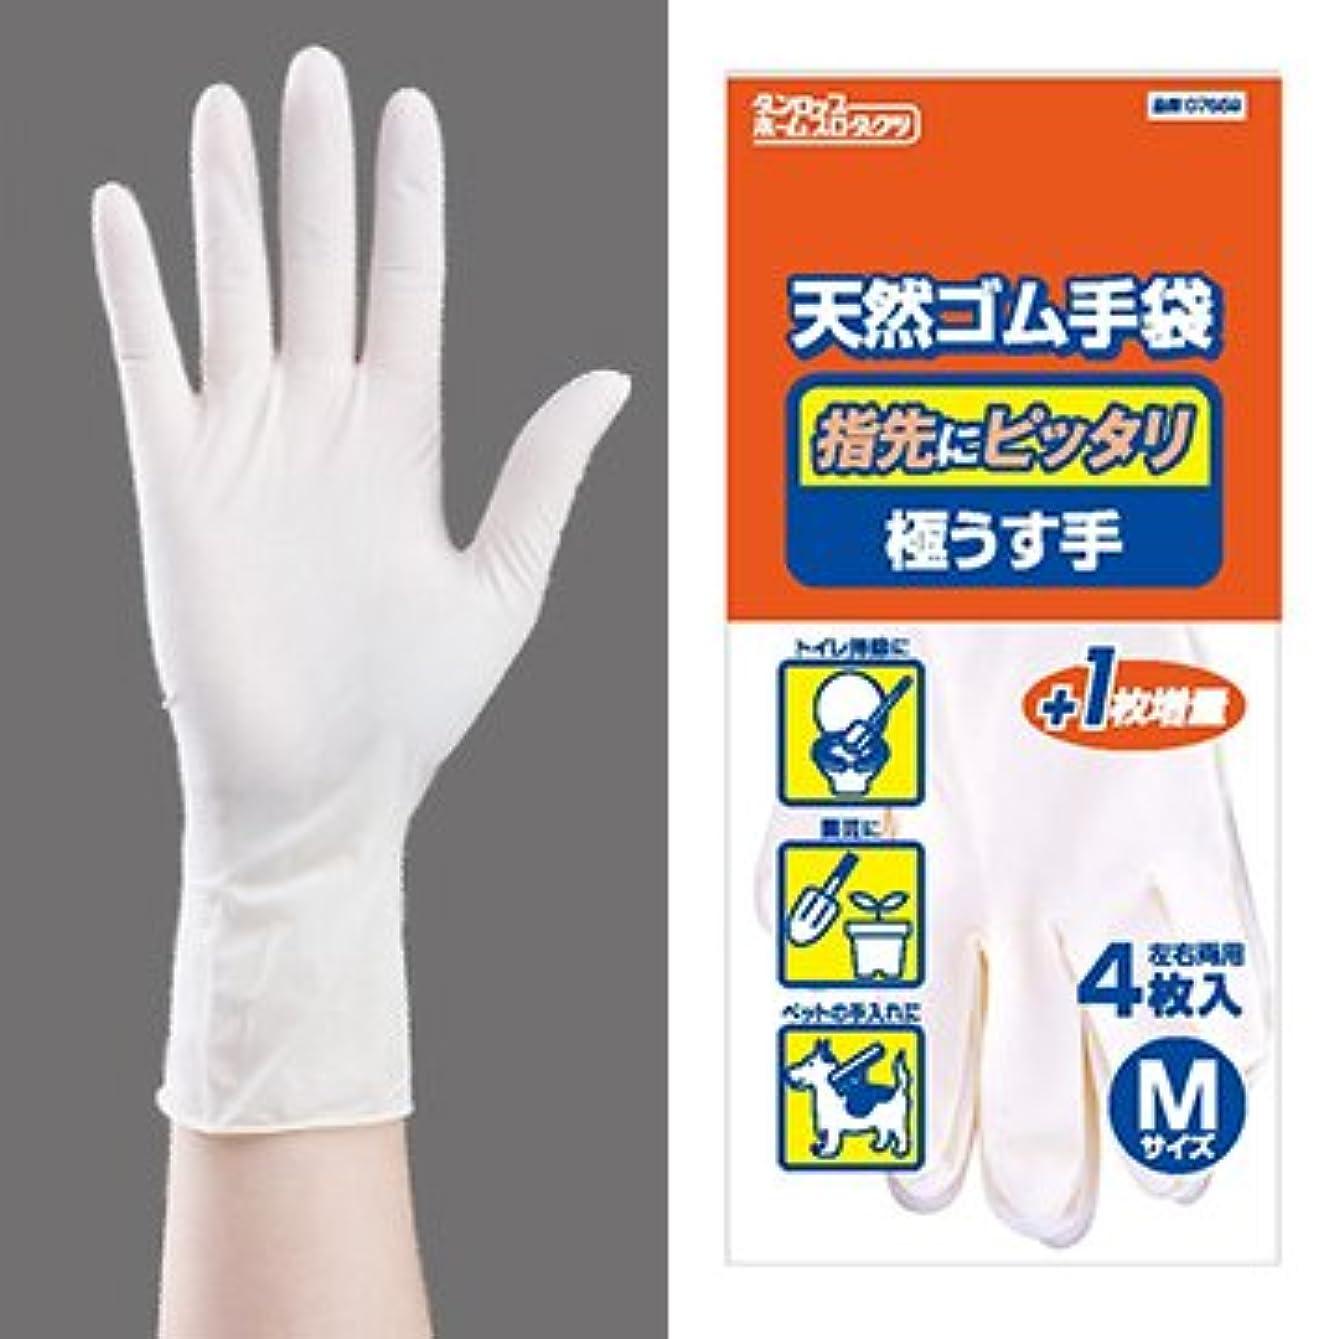 他の日スタジアムパット天然ゴム極うす手袋 4枚+1枚入